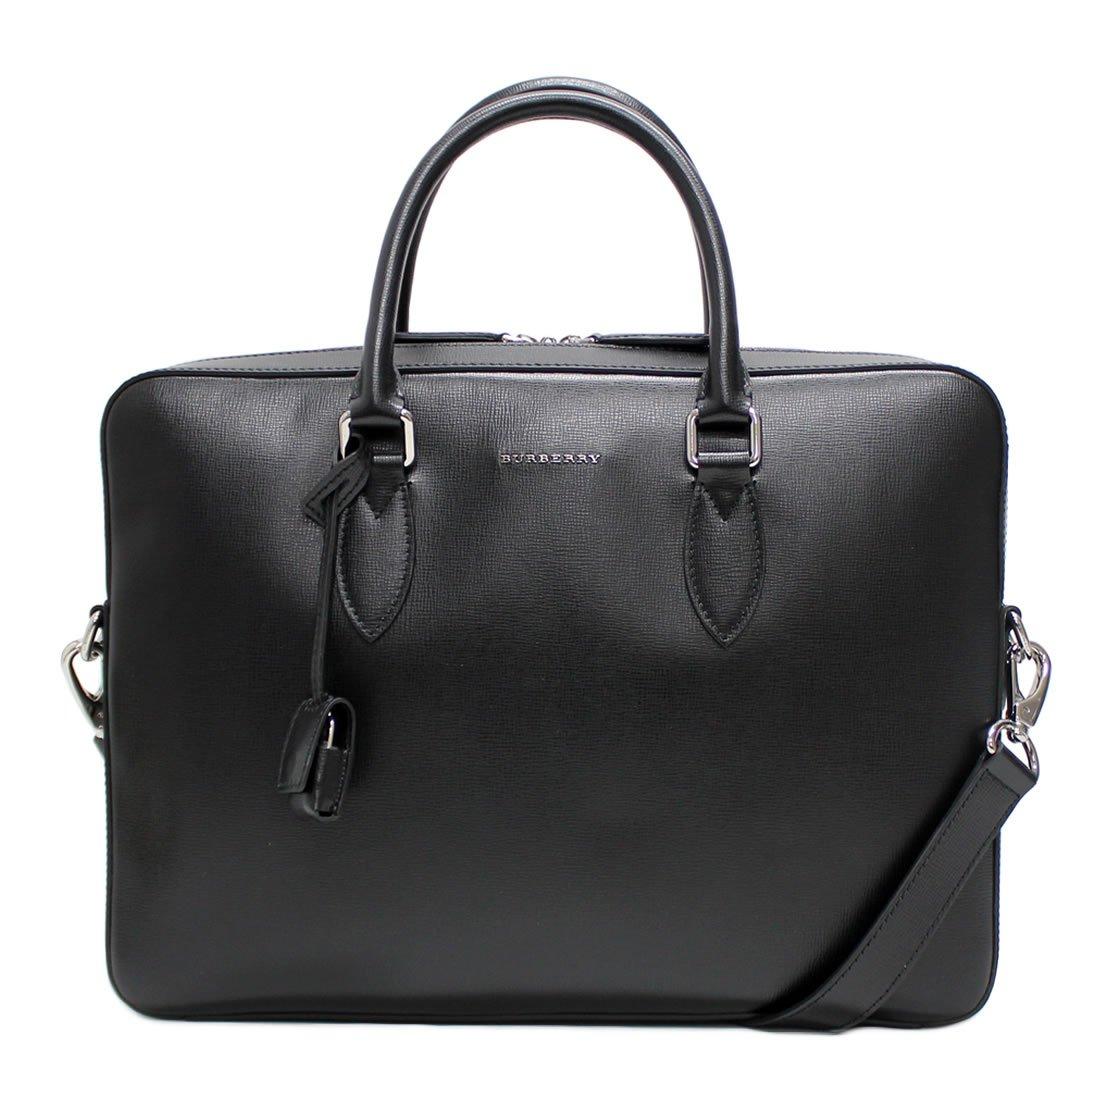 バーバリー BURBERRY 3997692 London Leather Black メンズビジネスバッグ [並行輸入品] B07SC6BQNX